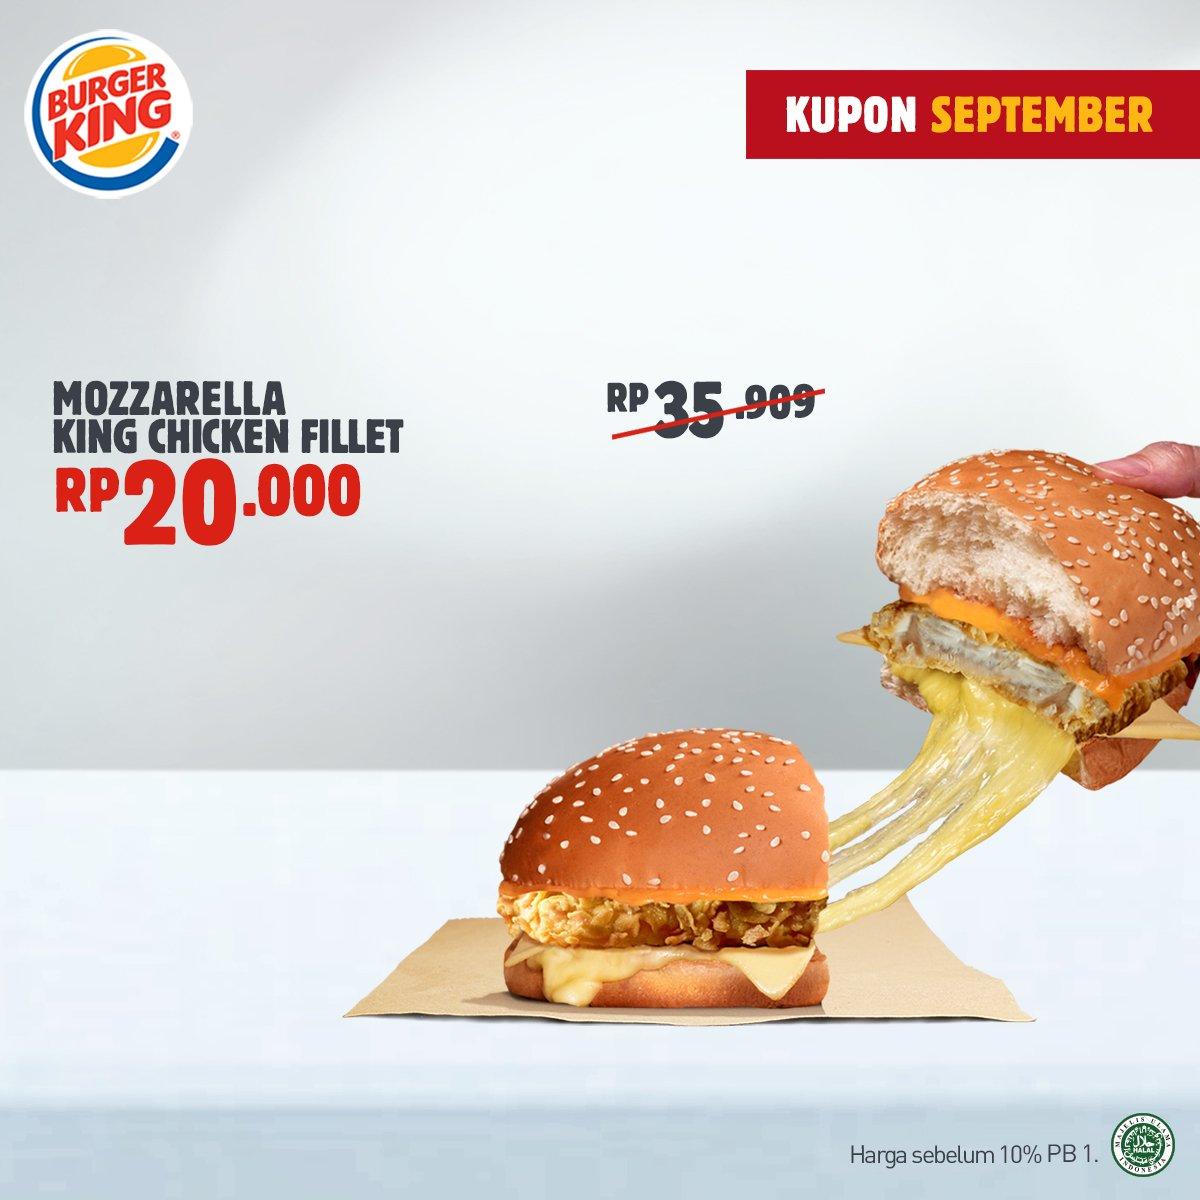 BurgerKing - Promo Tukar Kupon September Dapat Mozarella King Chicken Fillet